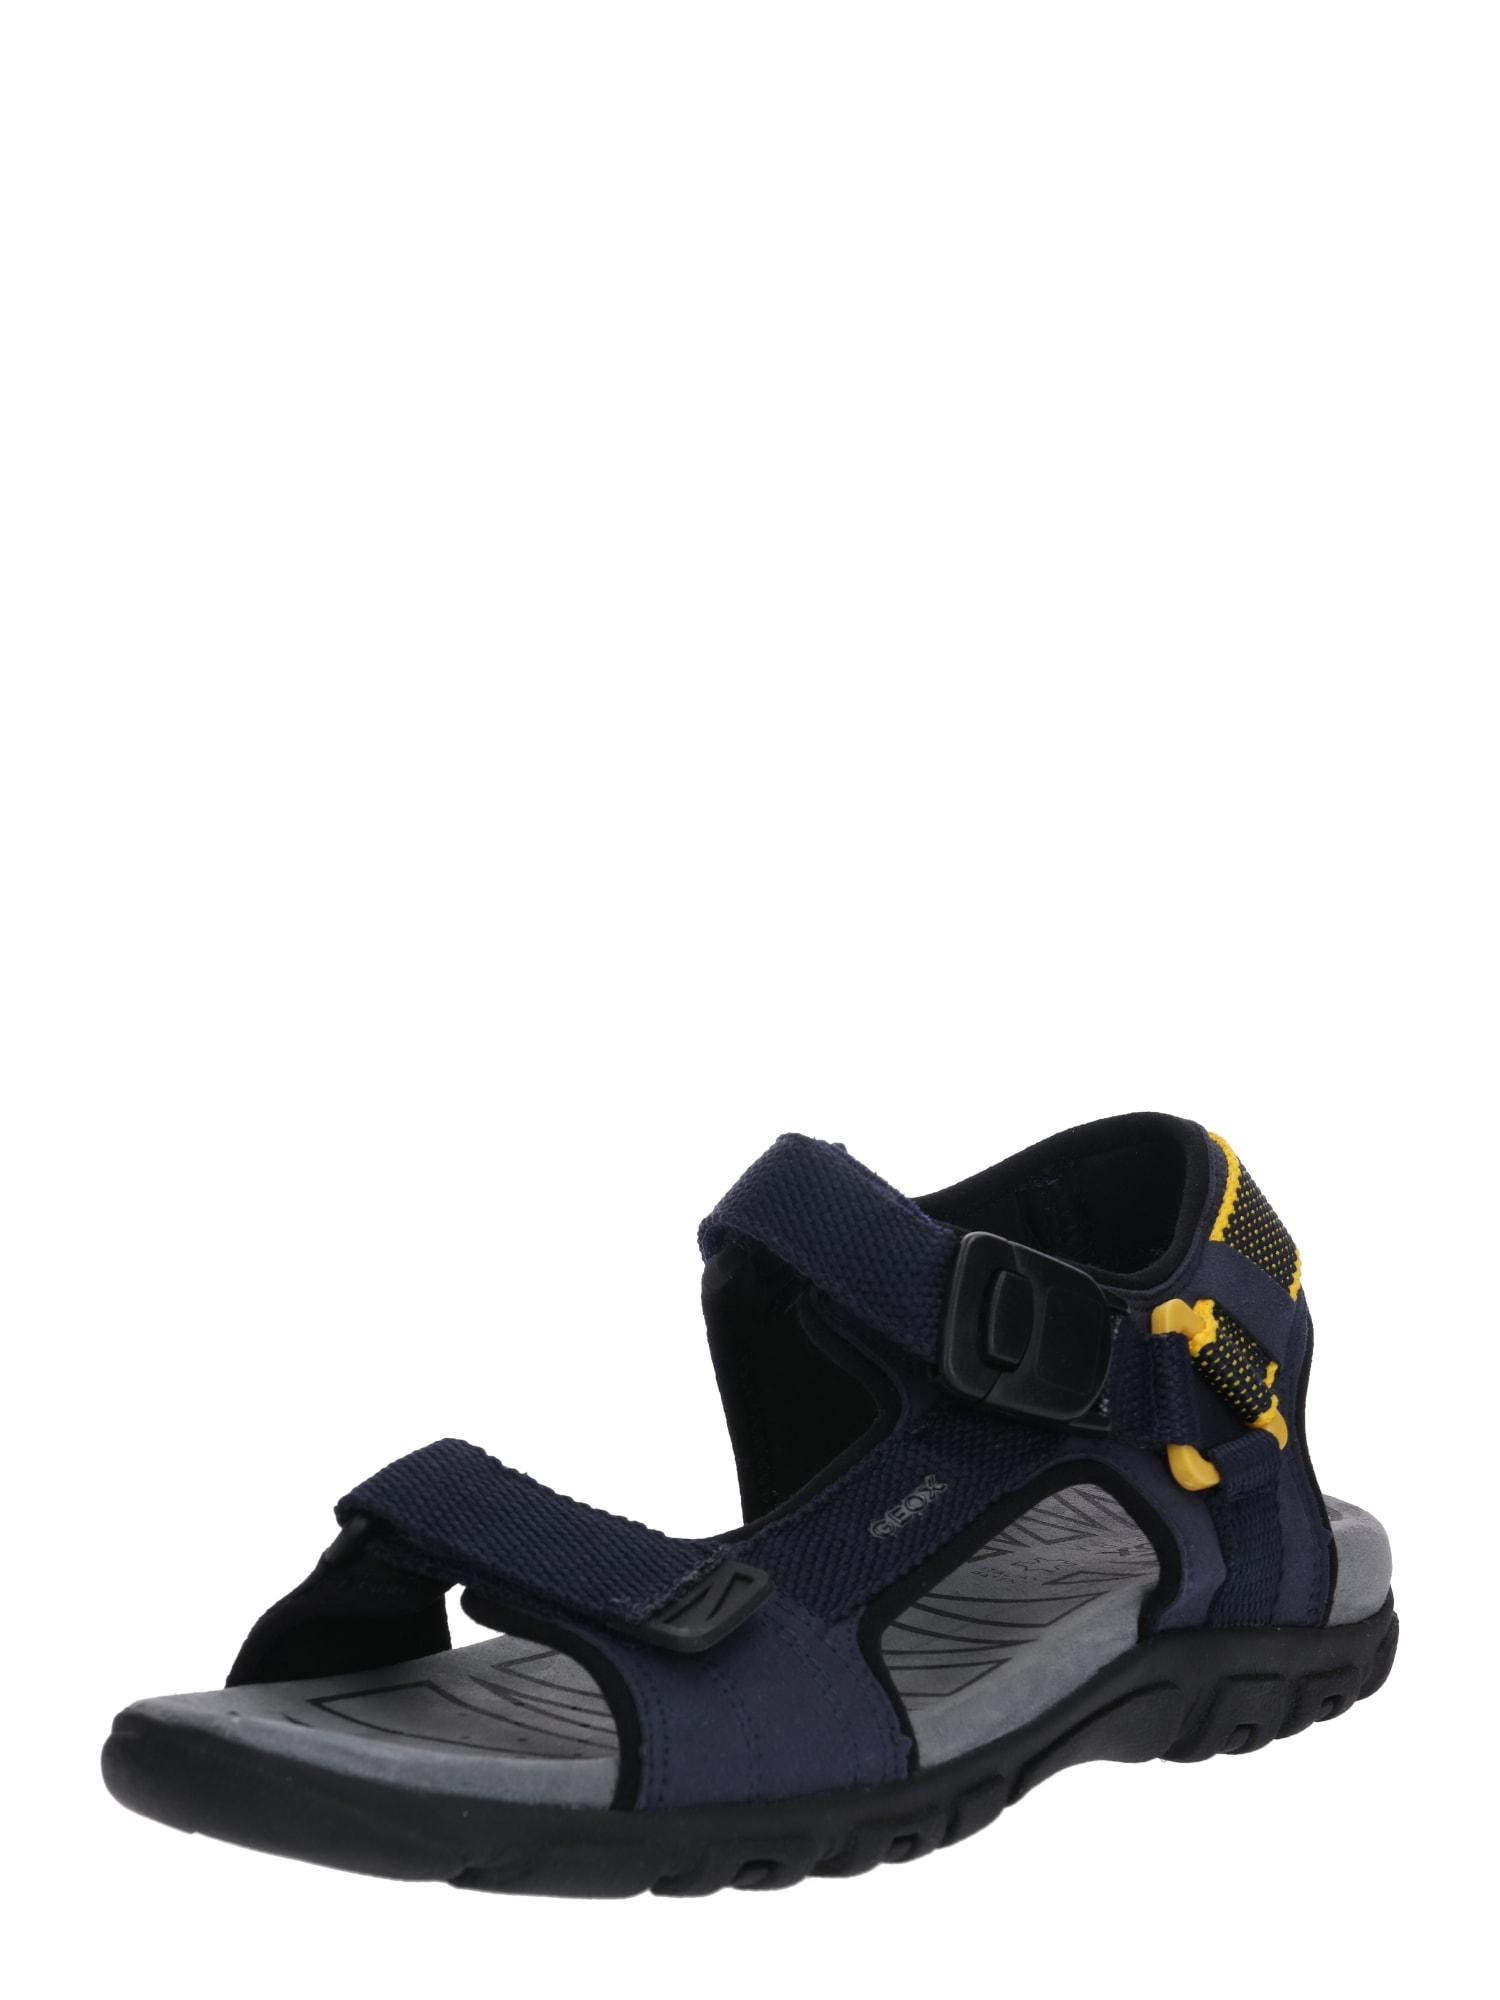 Sandály Uomo Strada námořnická modř žlutá GEOX